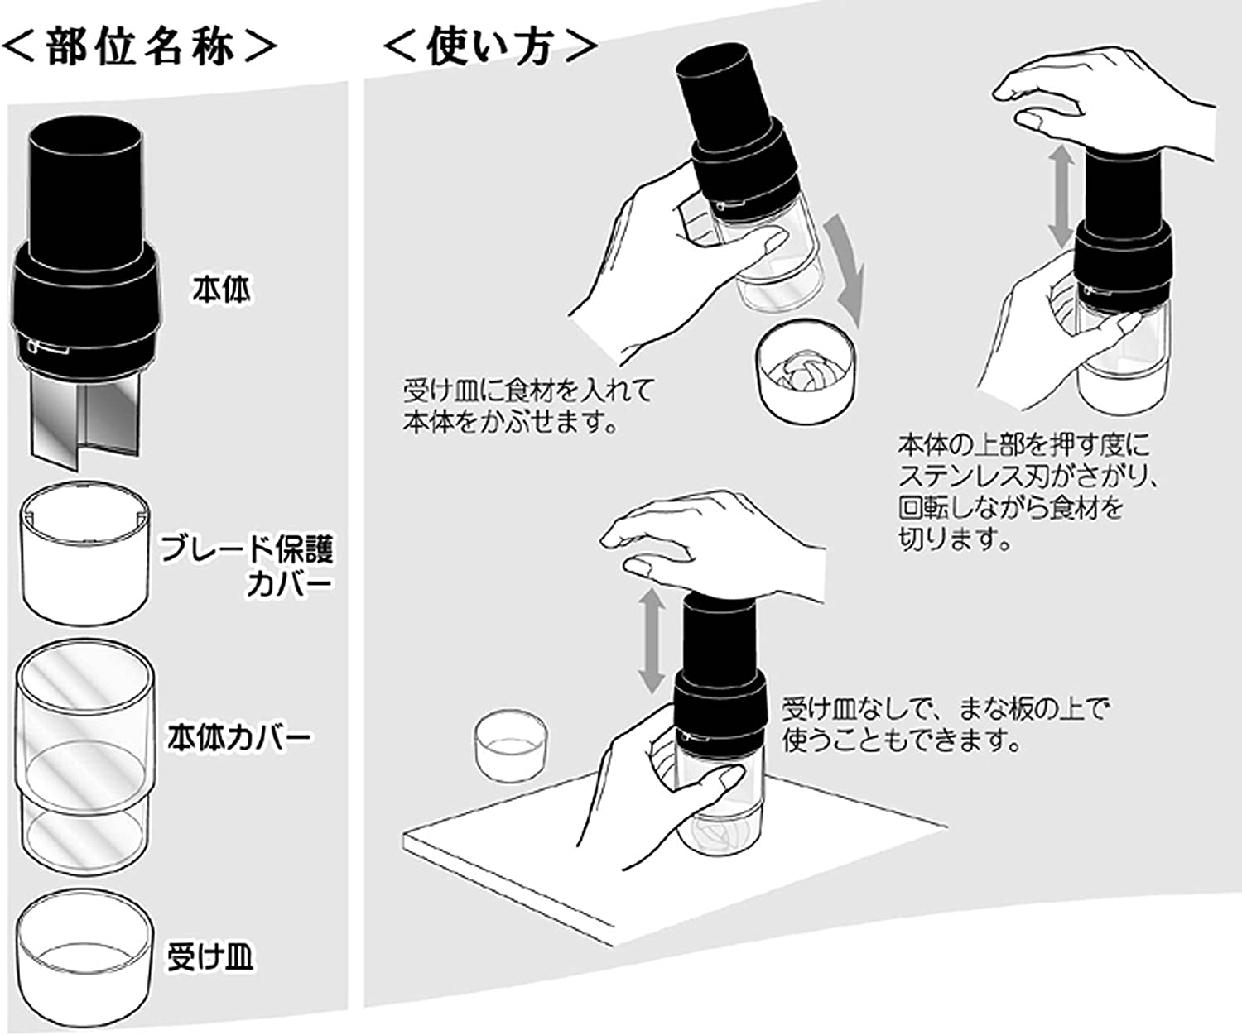 エムワンプレカット チョッパー H0005 ブラックの商品画像4